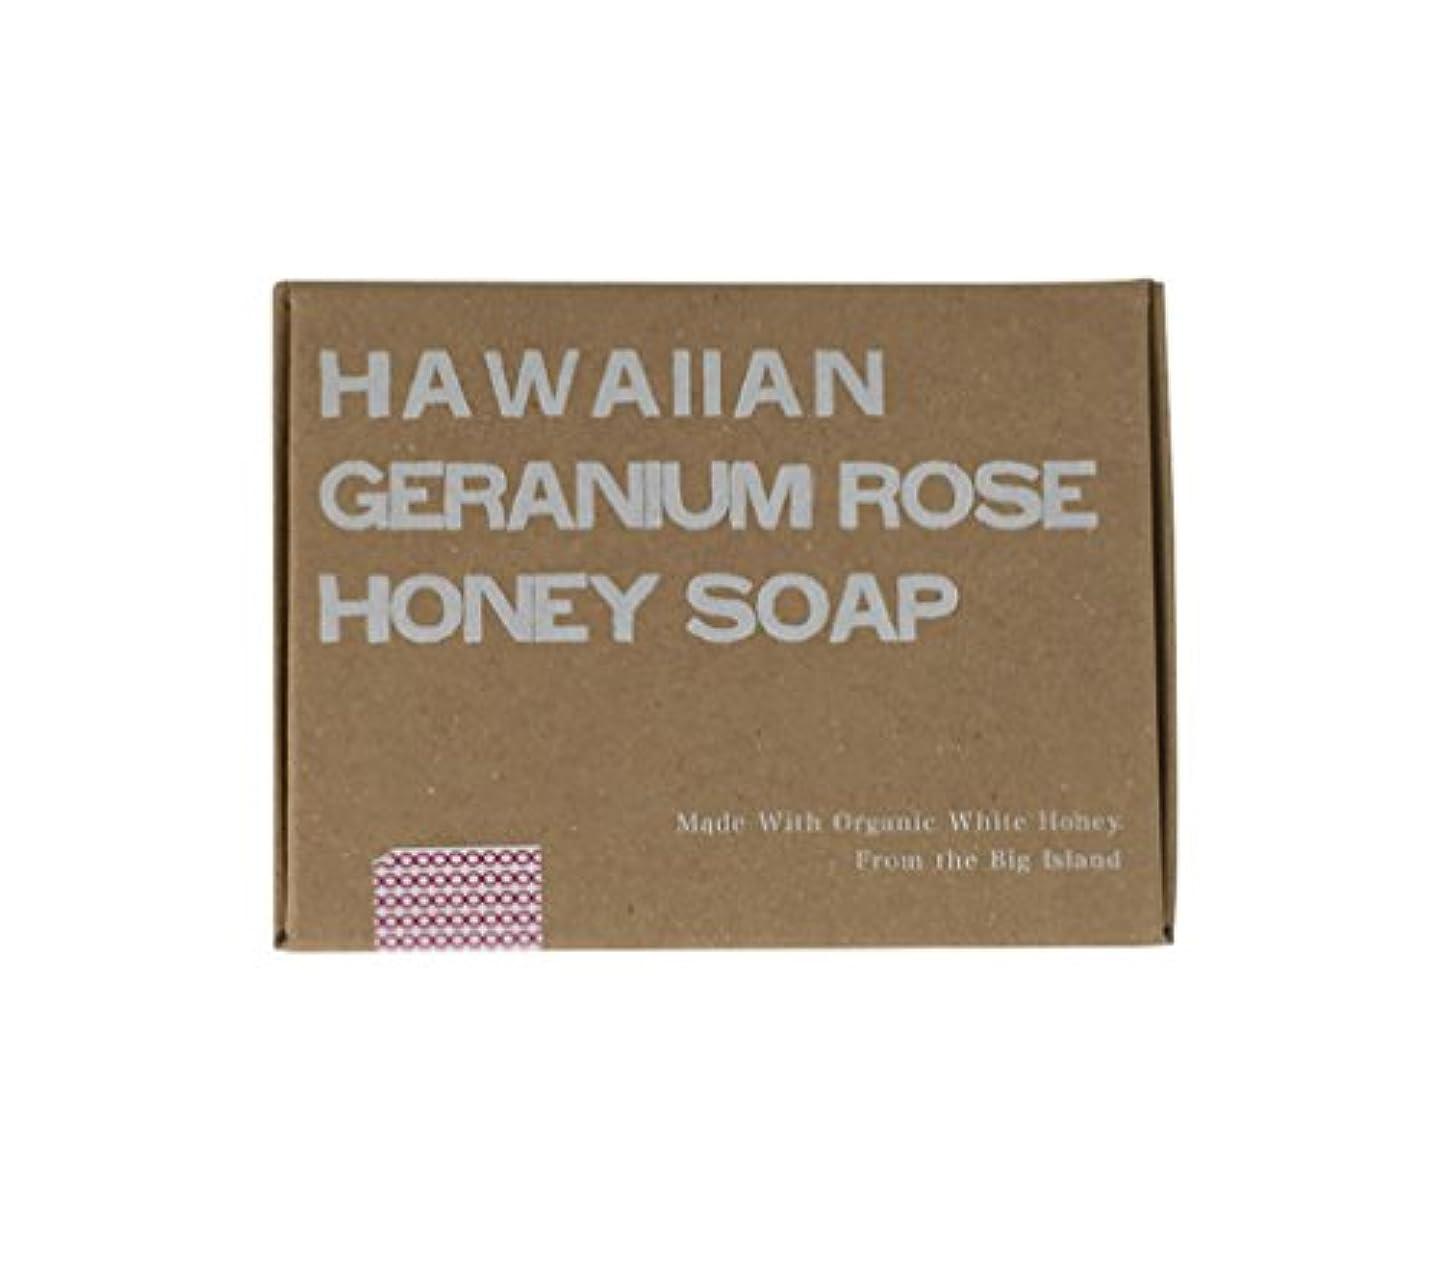 ヒューマニスティック上向きブルジョンホワイトハニーオーガニクス ハワイアン?ゼラニウムローズ?ハニーソープ (Hawaiian Geranium Rose Honey Soap)